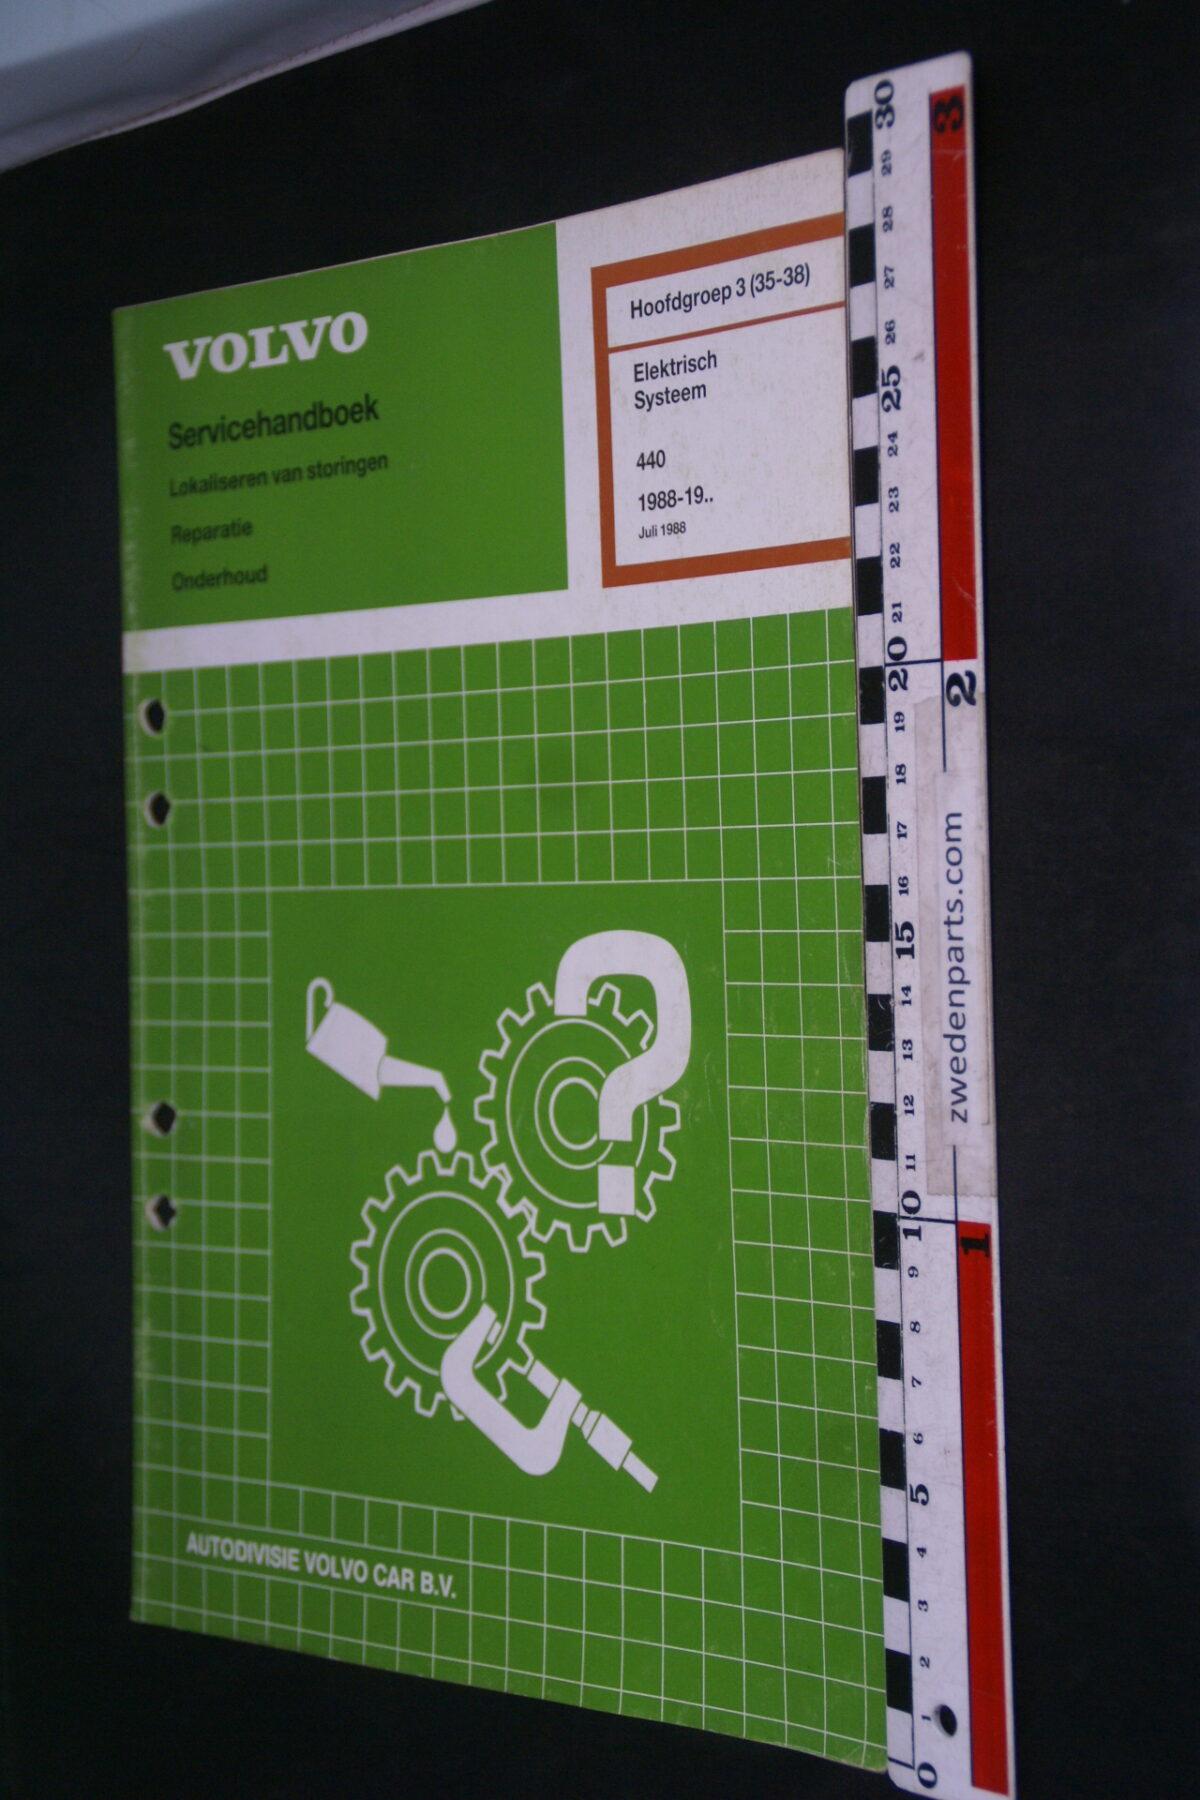 DSC09052 1988 origineel  Volvo 440 servicehandboek electrisch systeem 3 (35-38) 1 van 1.000 nr TP 35524-1